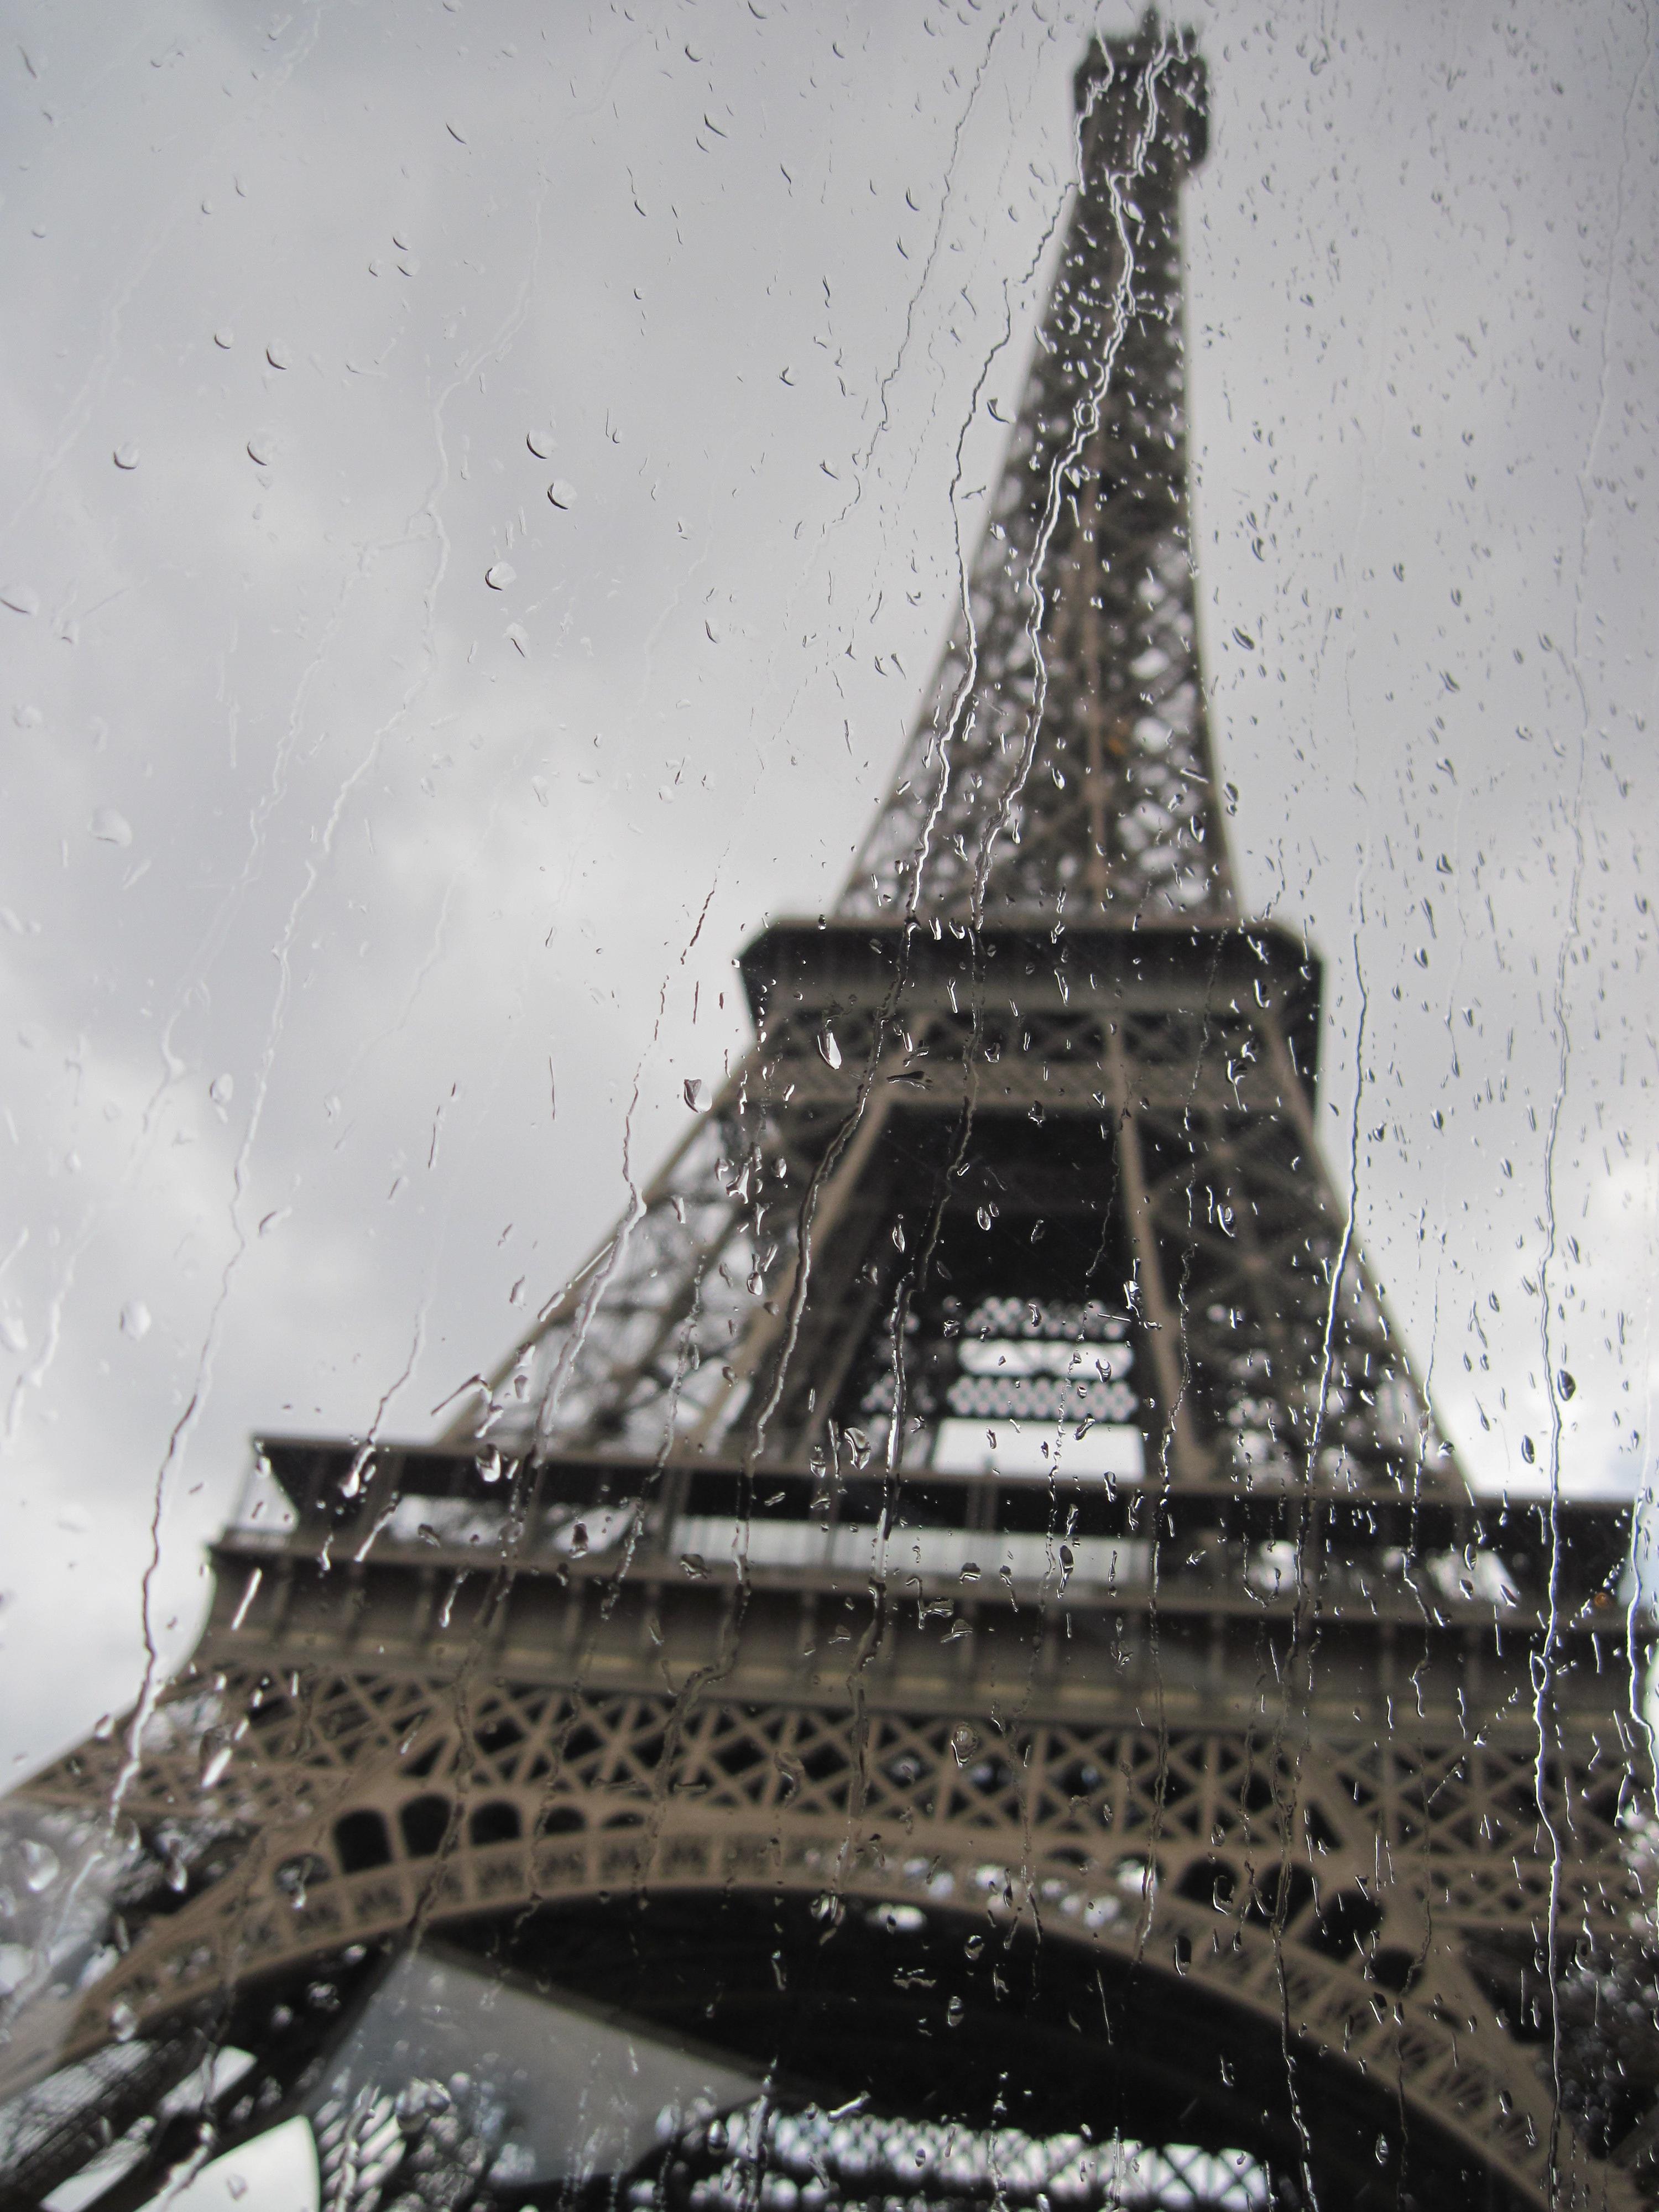 Bildet Sno Vinter Arkitektur Bygning By Eiffeltarnet Paris Frankrike Speilbilde Tarn Symbol Vaer Landemerke Hvile Turisme Tur Kultur Utformingen Av 3000x4000 833690 Bilder Gratis Pxhere